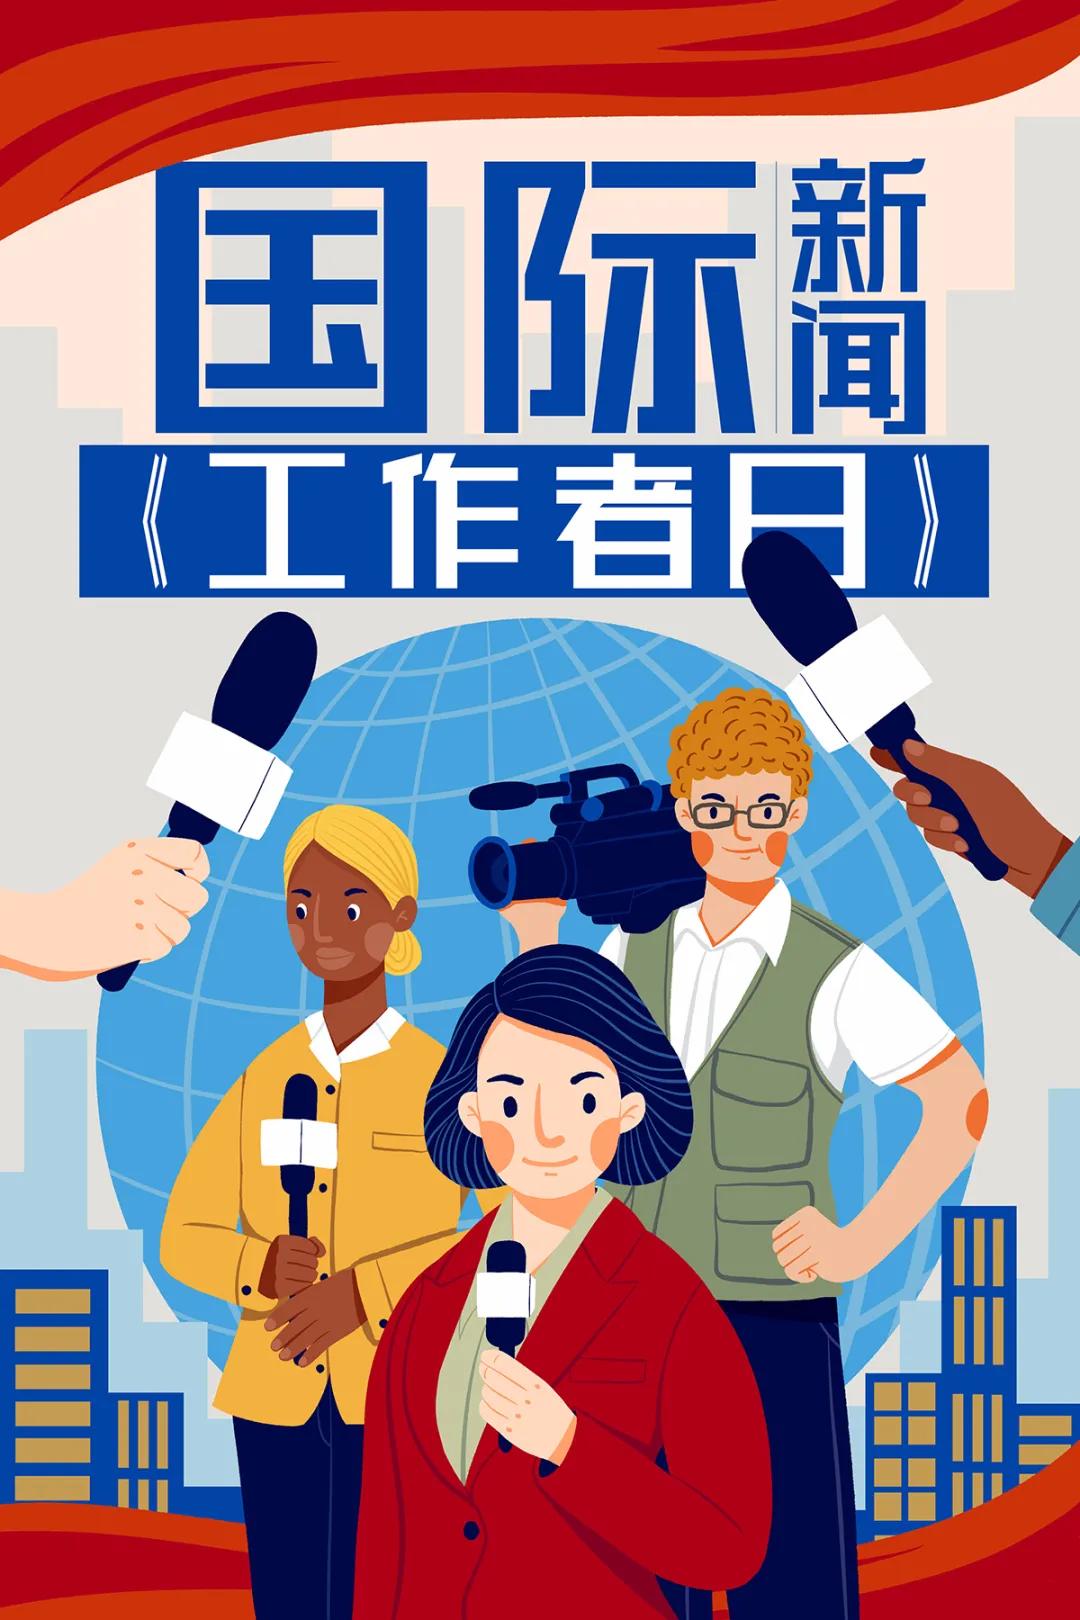 国际新闻工作者日 | 记录真实、见证时代,向新闻人致敬